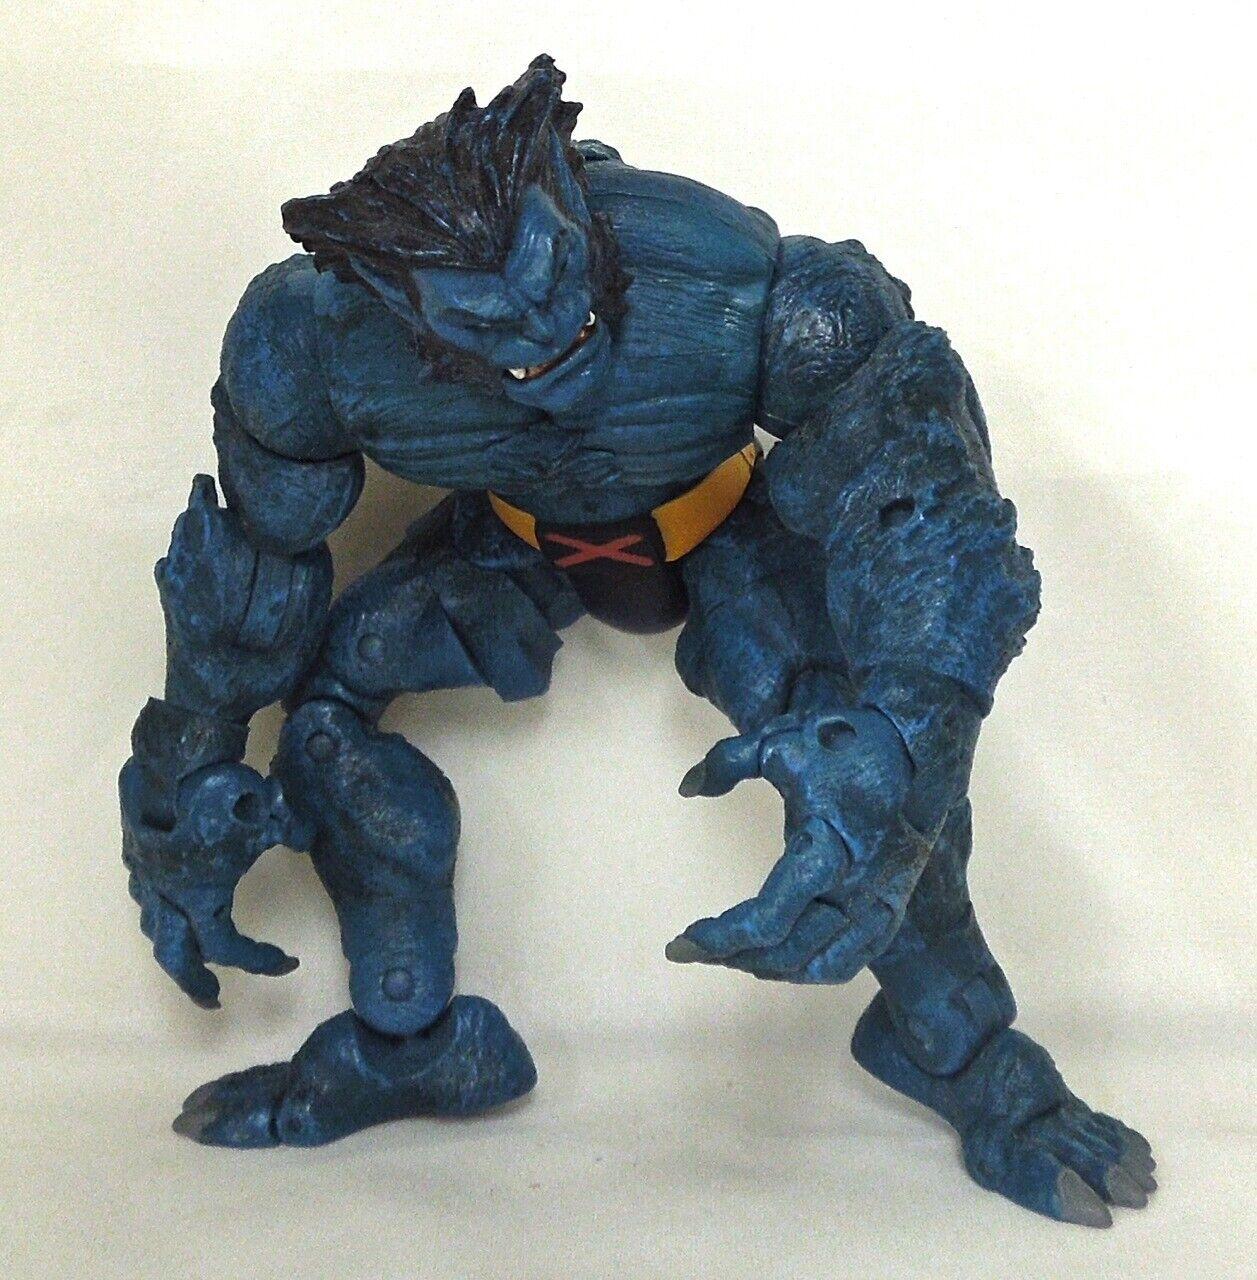 Loose Factory Bag Batman New Head Batman Retro Action Figure Series 4